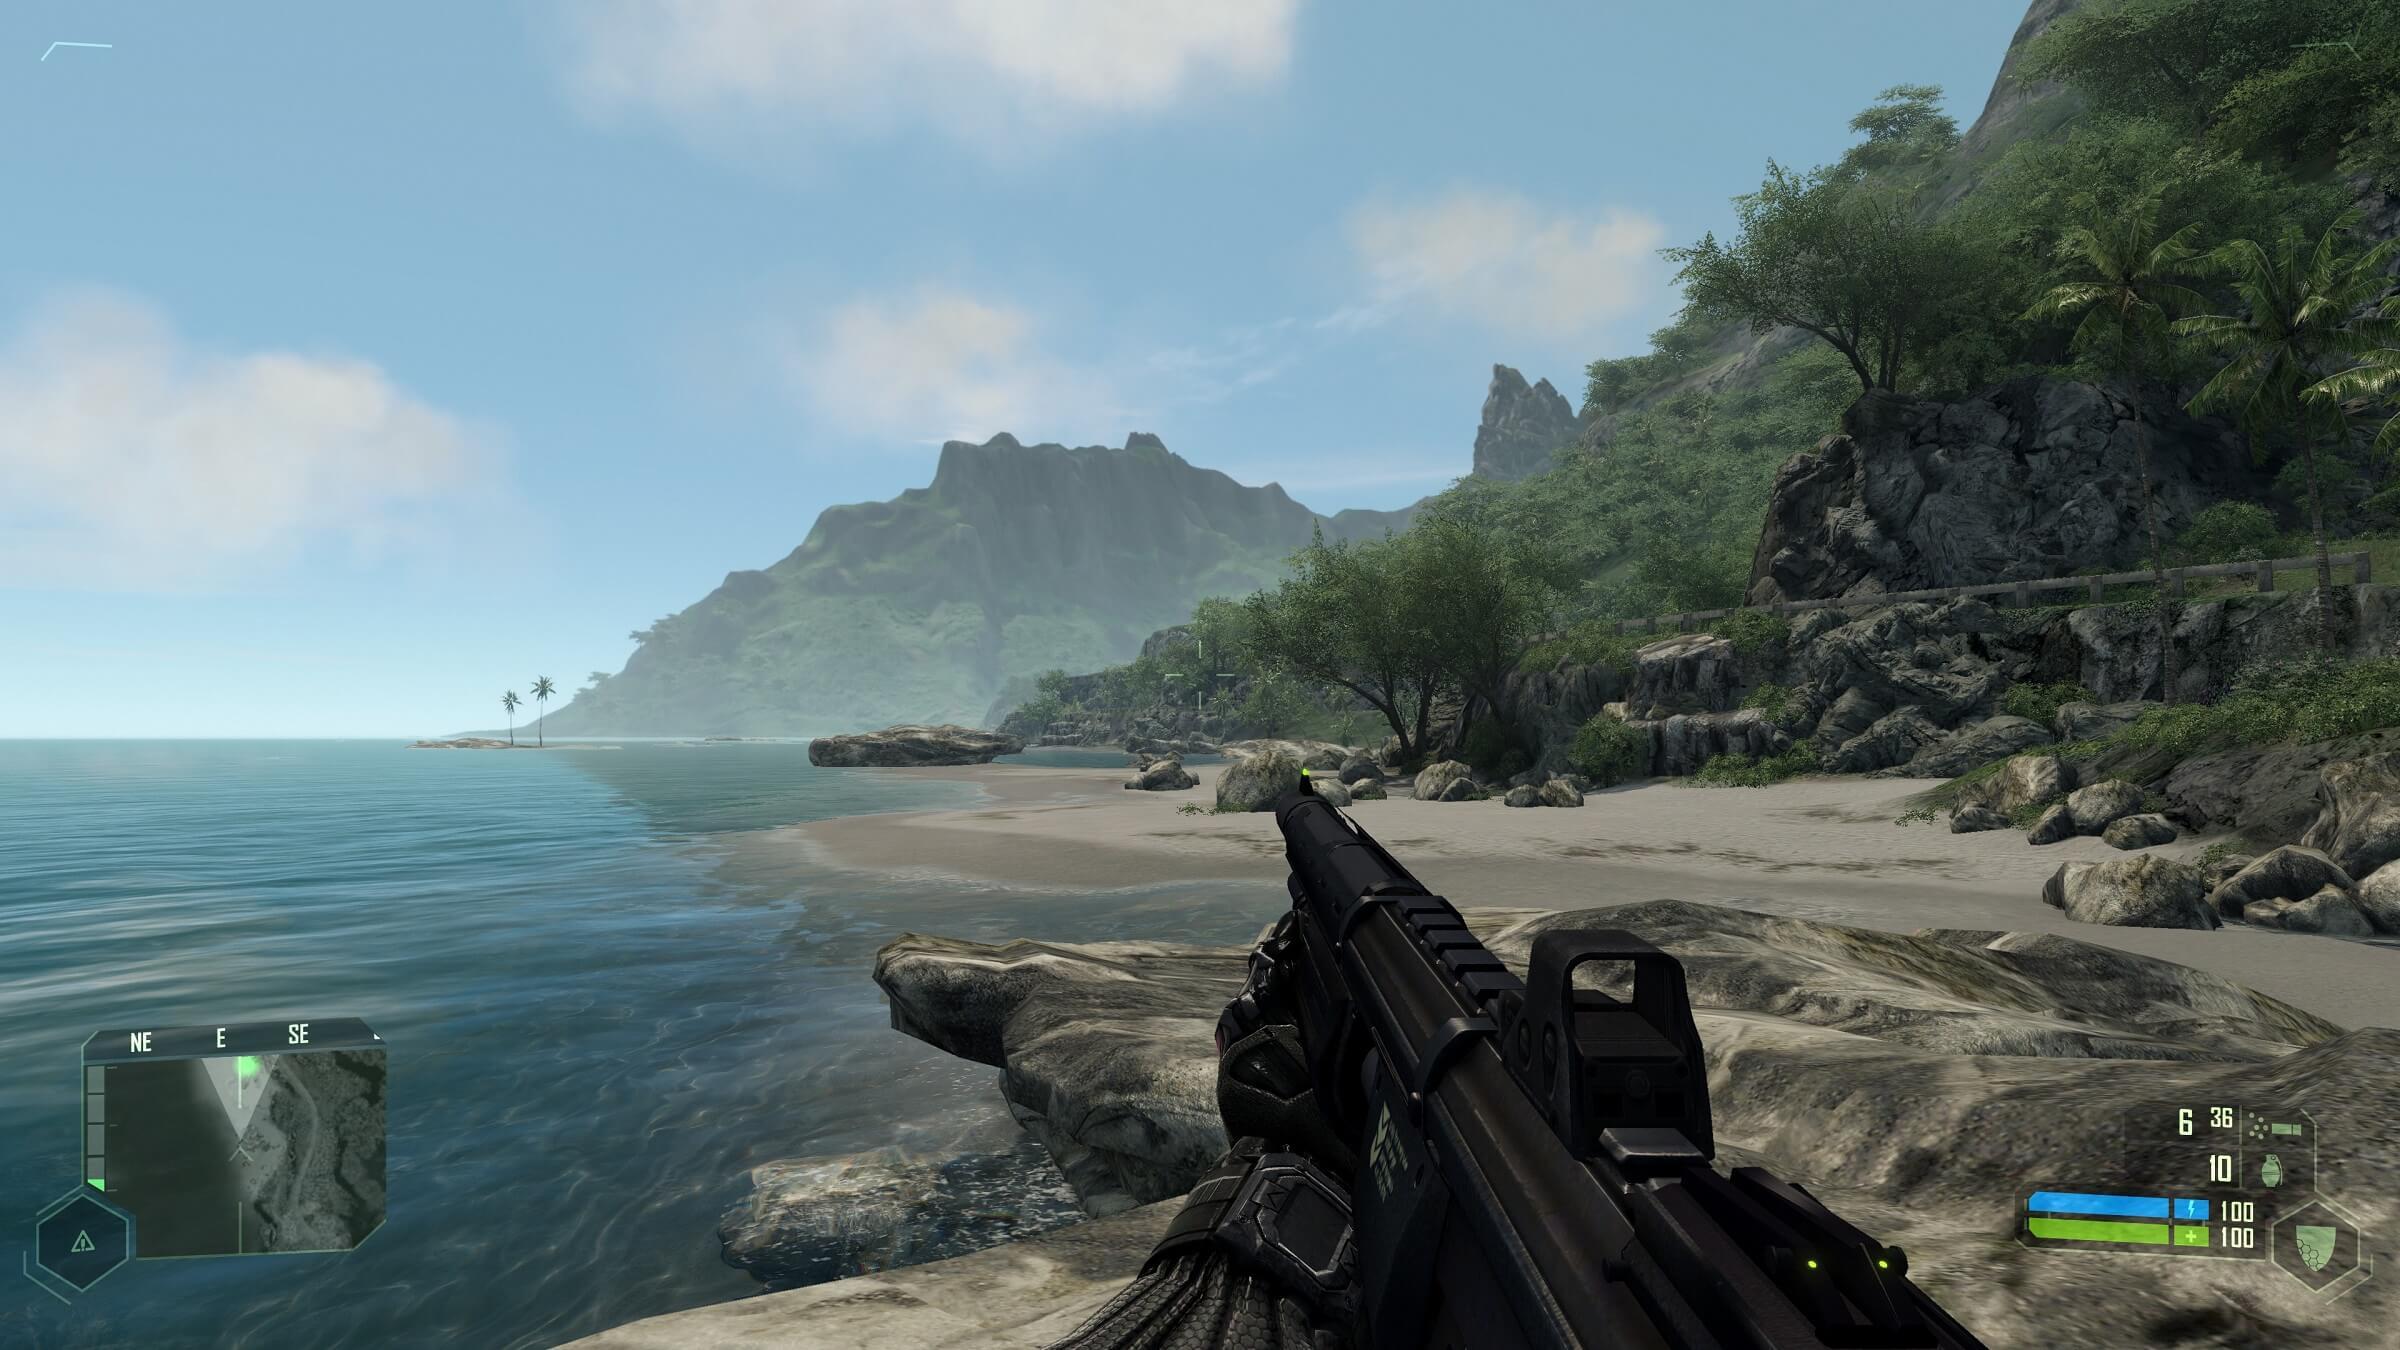 «А Crysis потянет?» Почему до сих пор обсуждают игру, выпущенную 13 лет назад - 10